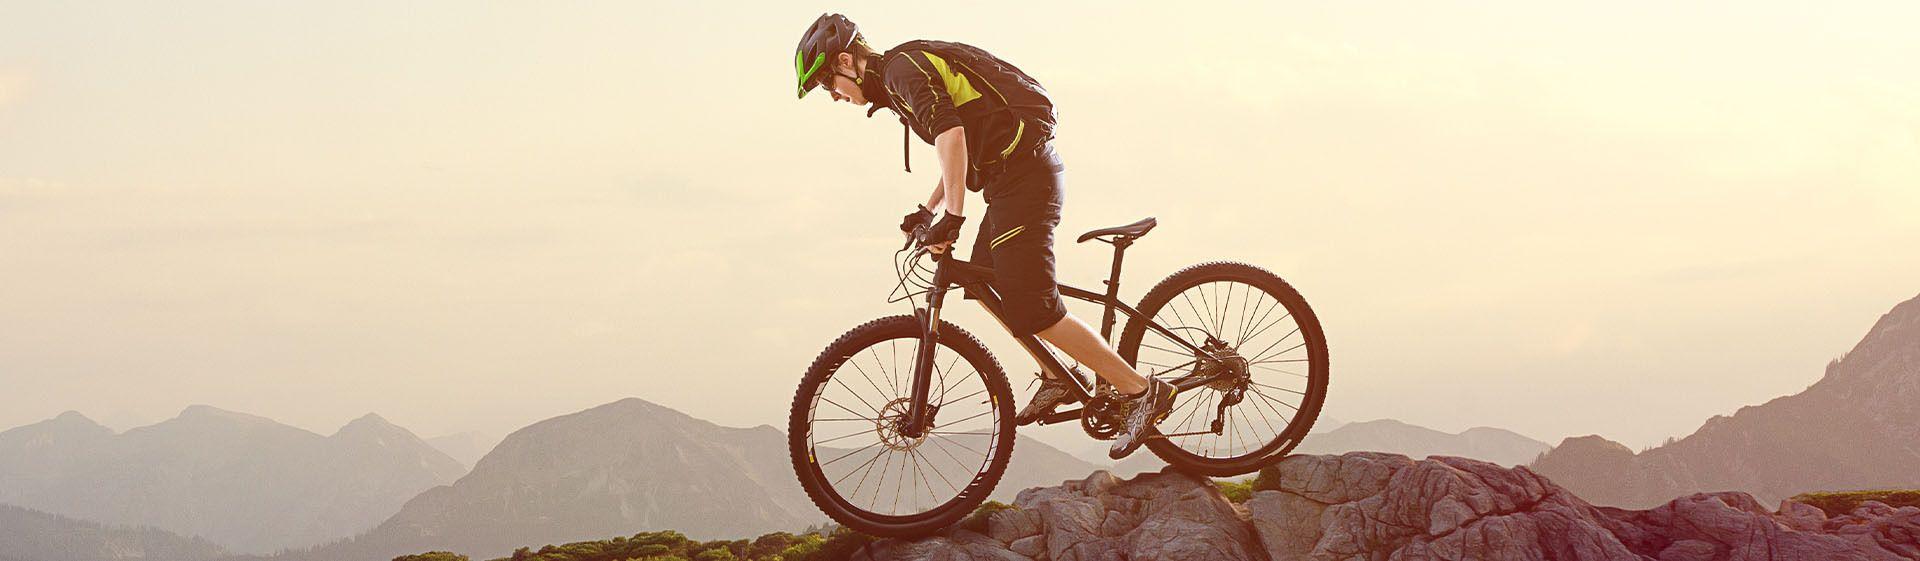 Melhor mountain bike de 2021: 10 modelos para comprar